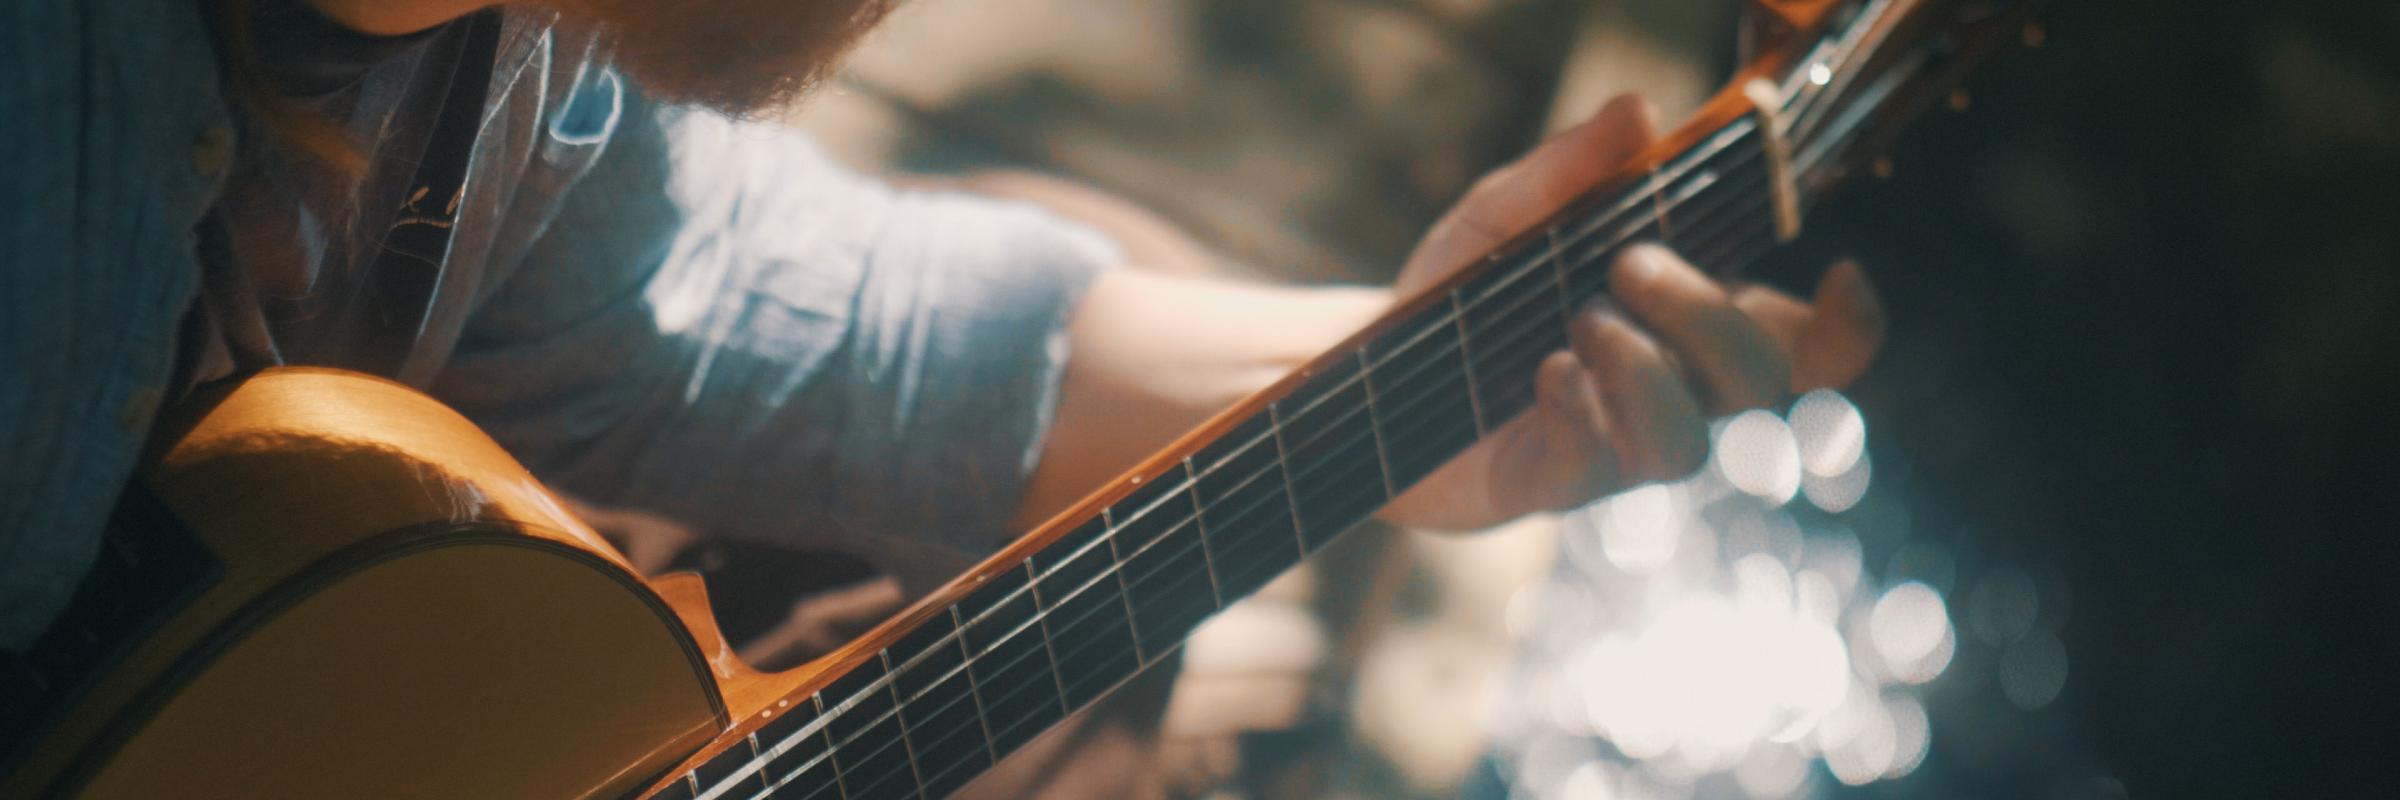 Marc Vidabreve, musicien Guitariste en représentation à Val d'Oise - photo de couverture n° 3